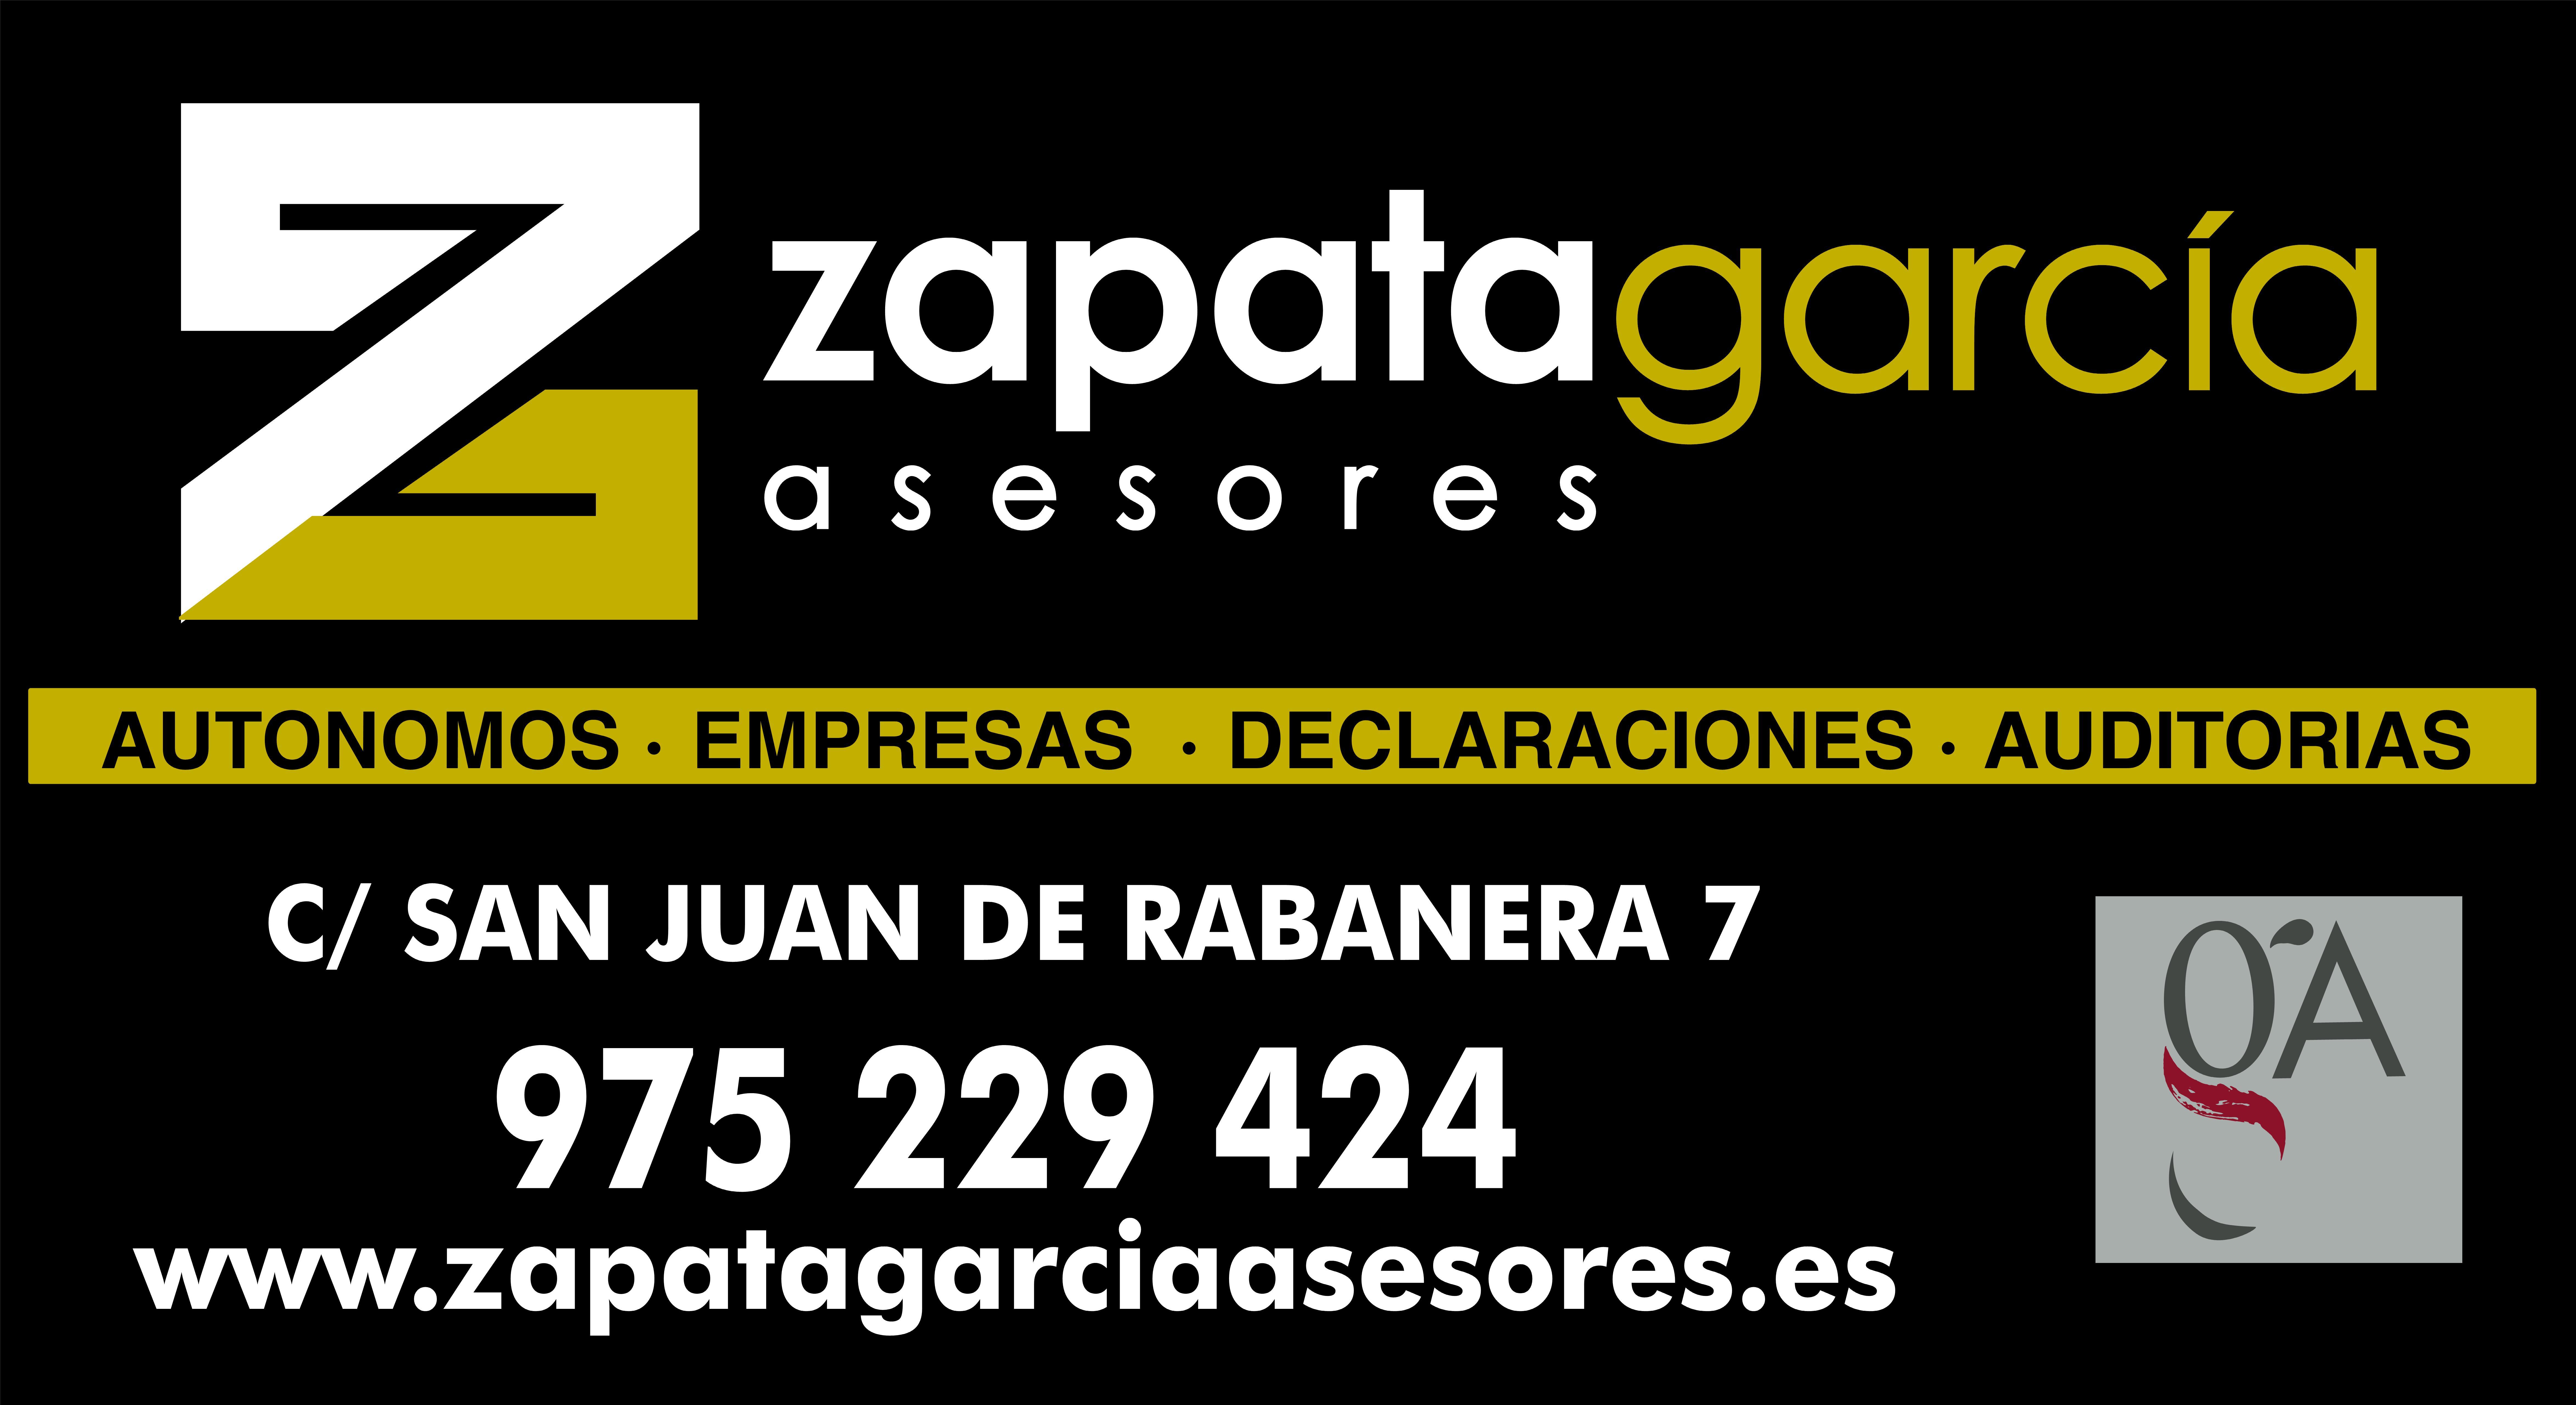 ZAPATA GARCIA ASESORES